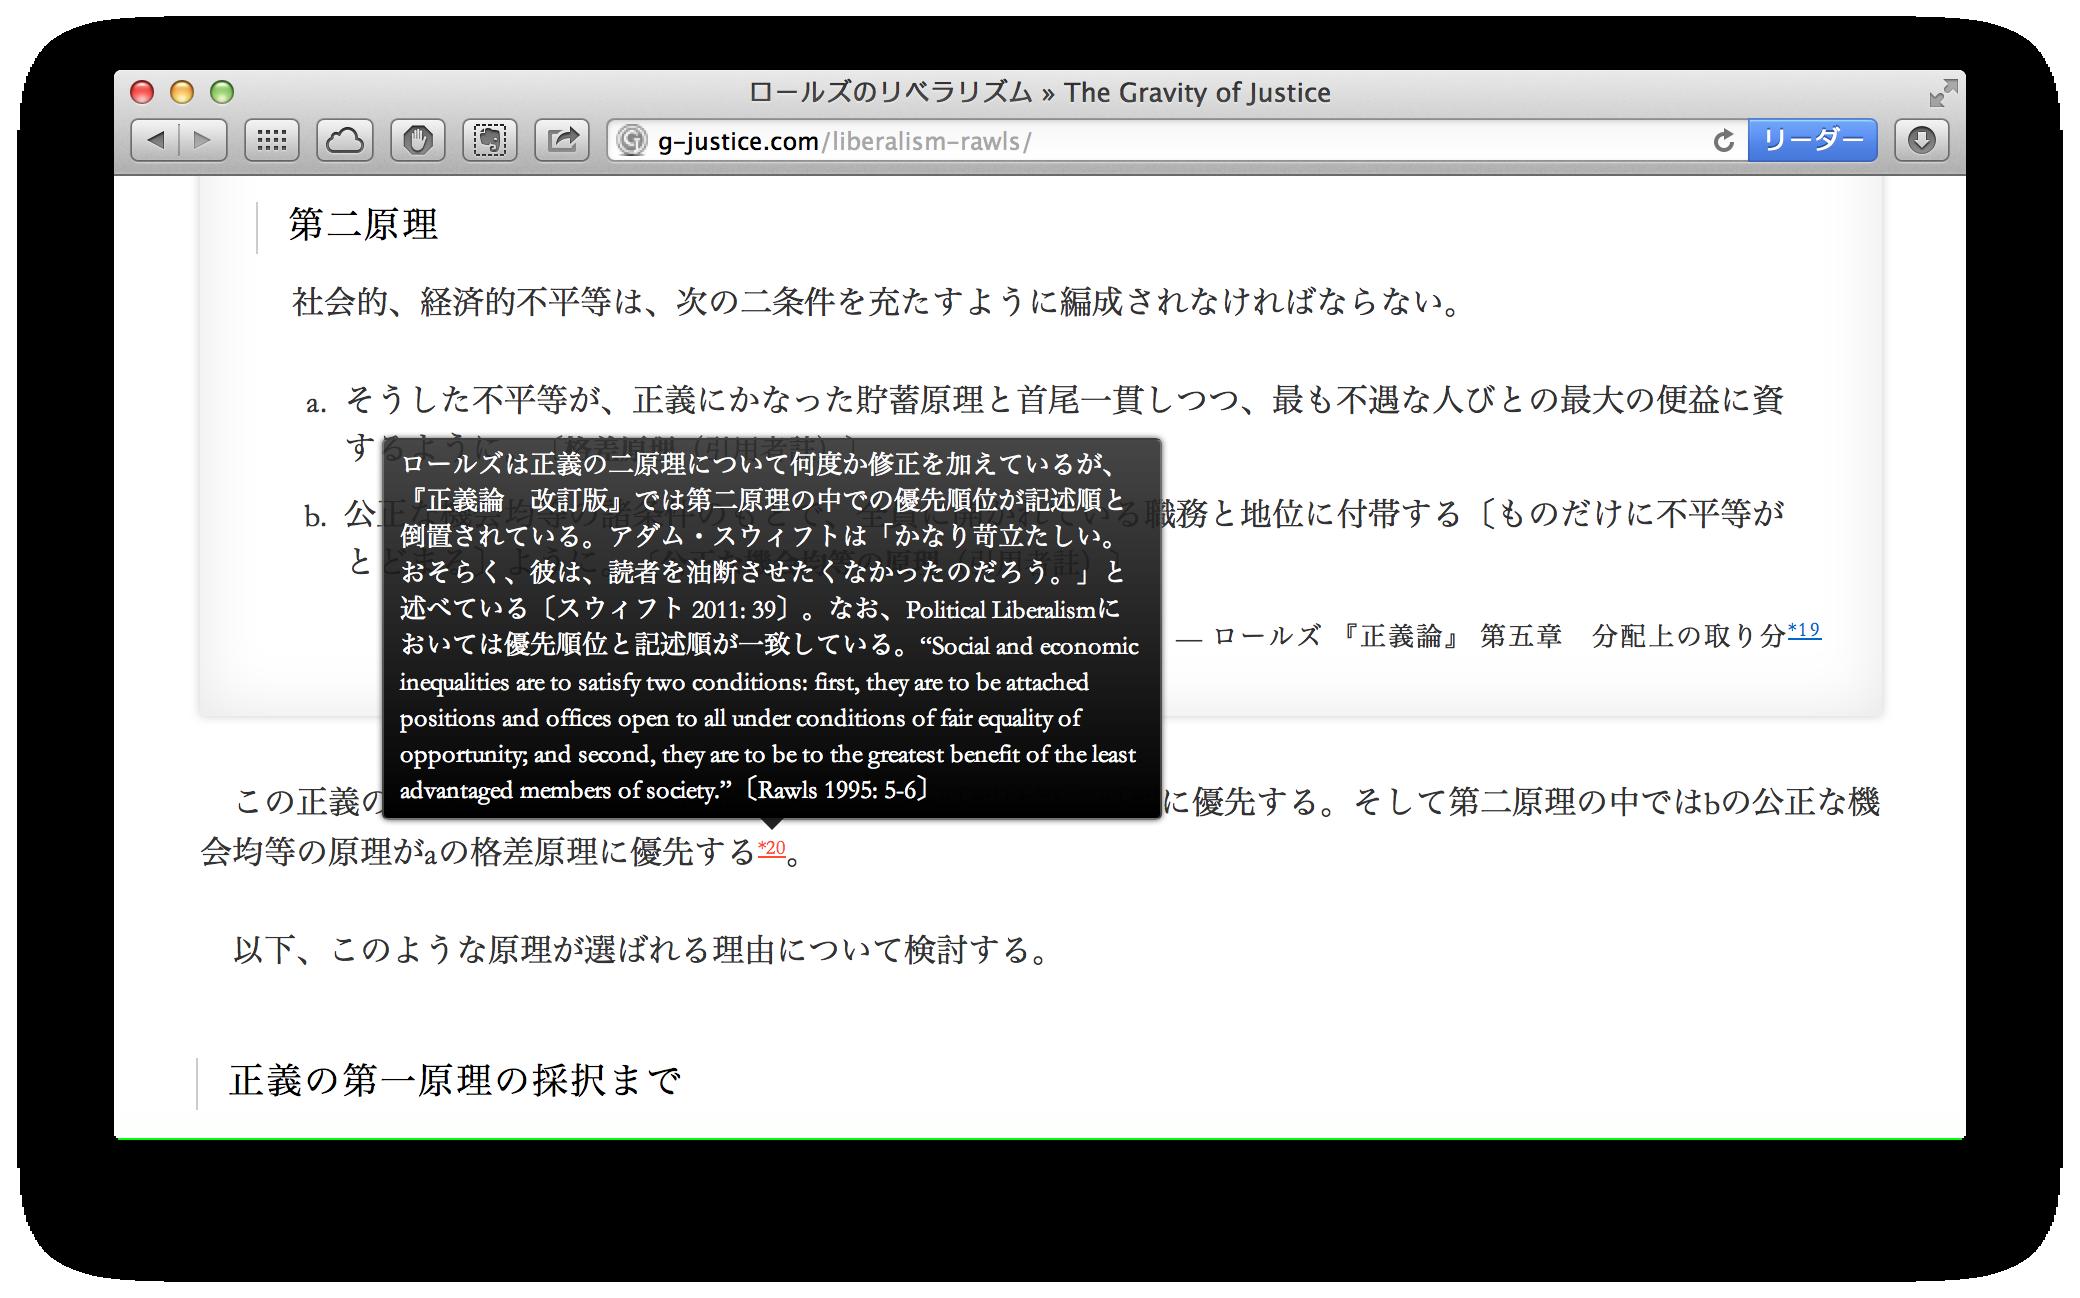 脚註ツールチップの表示例